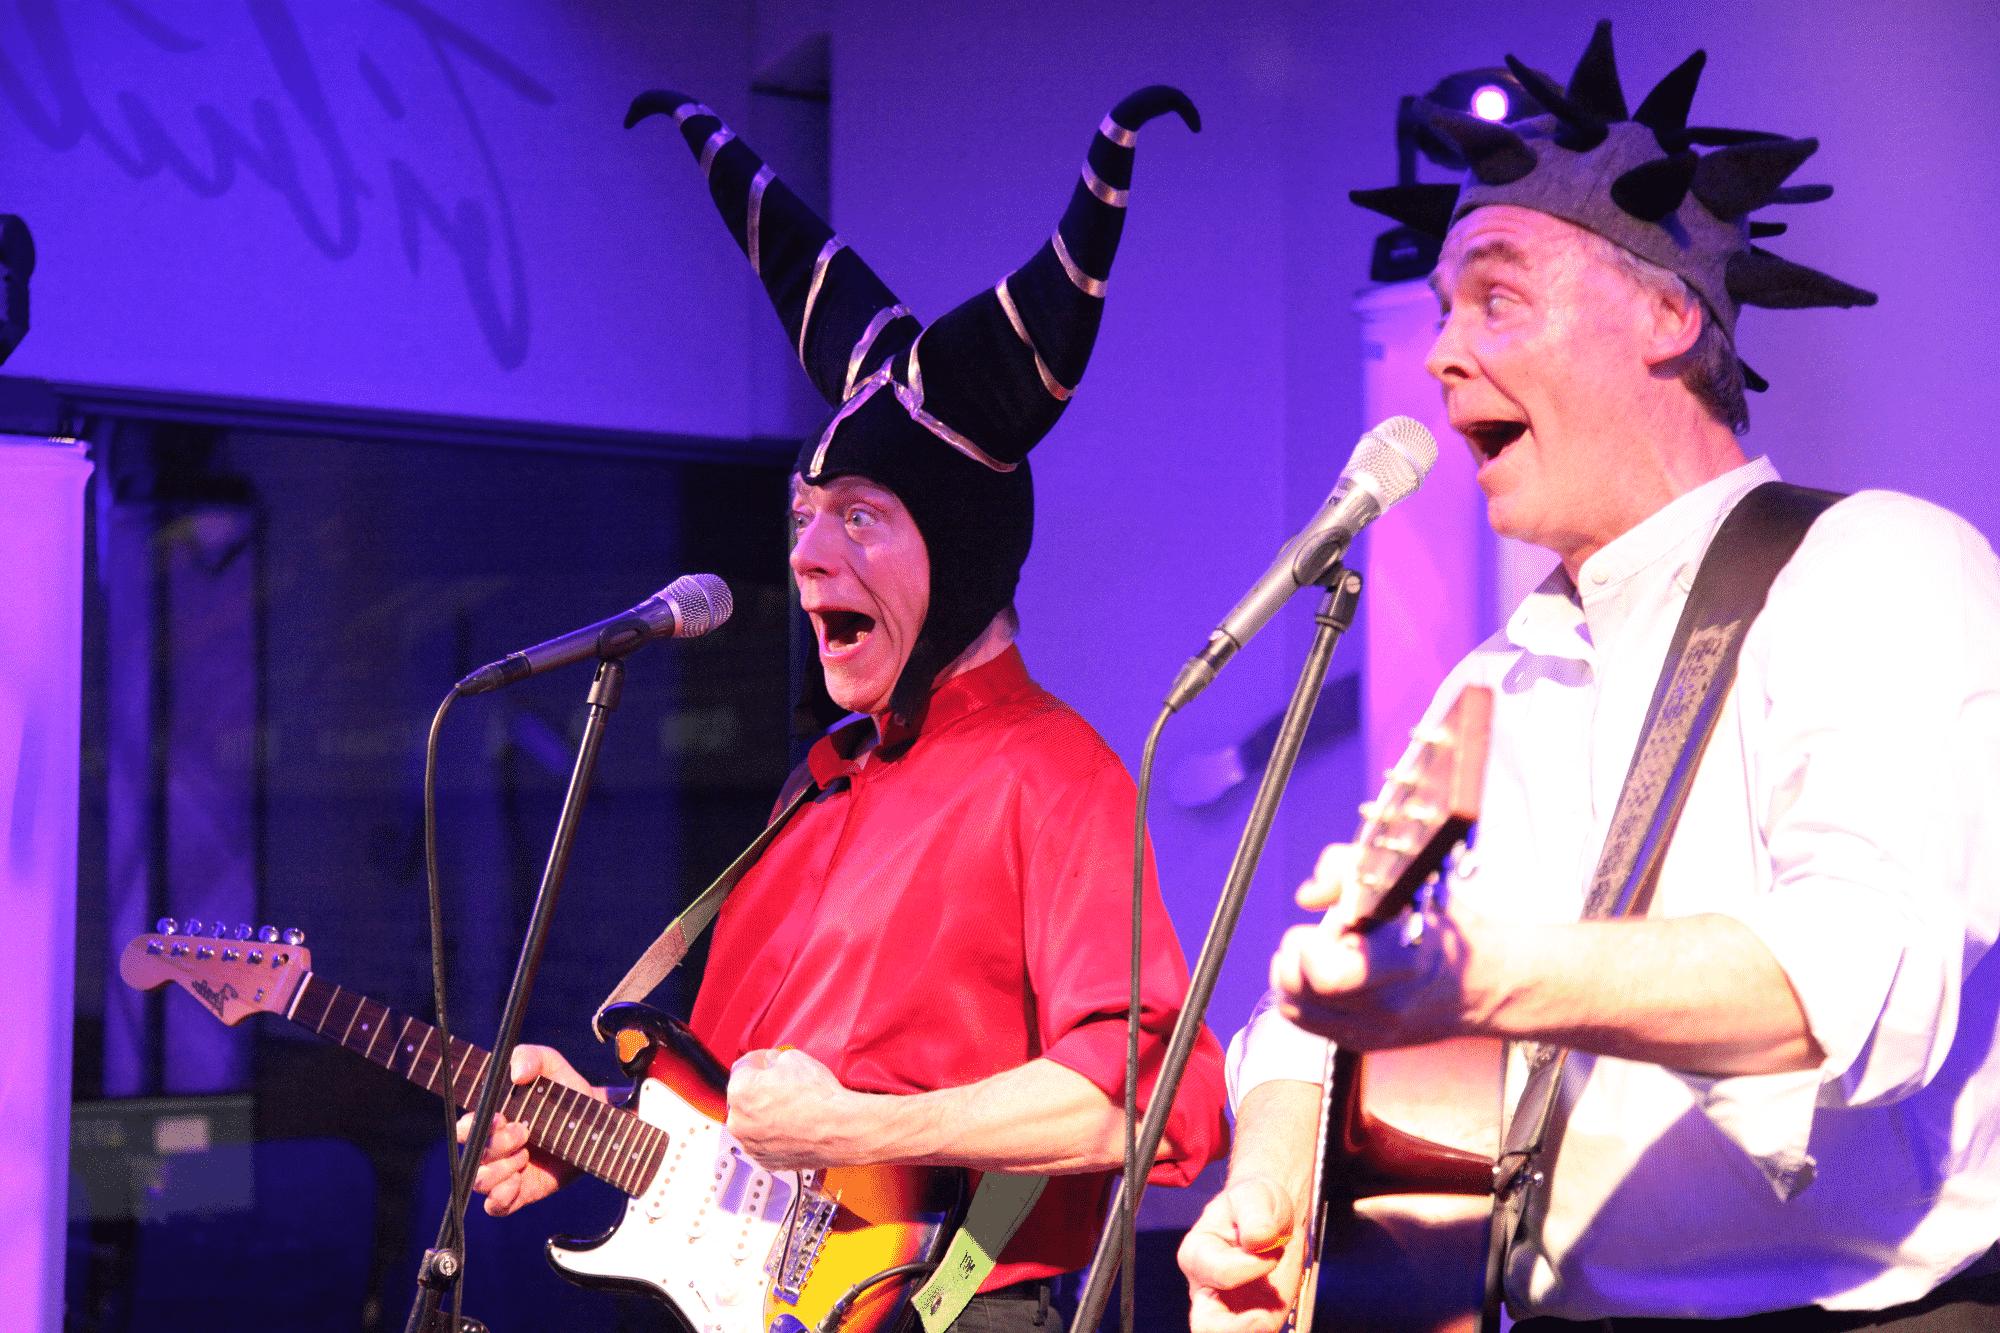 Mark'n'Simon Live - MusoComedy, Kabarett